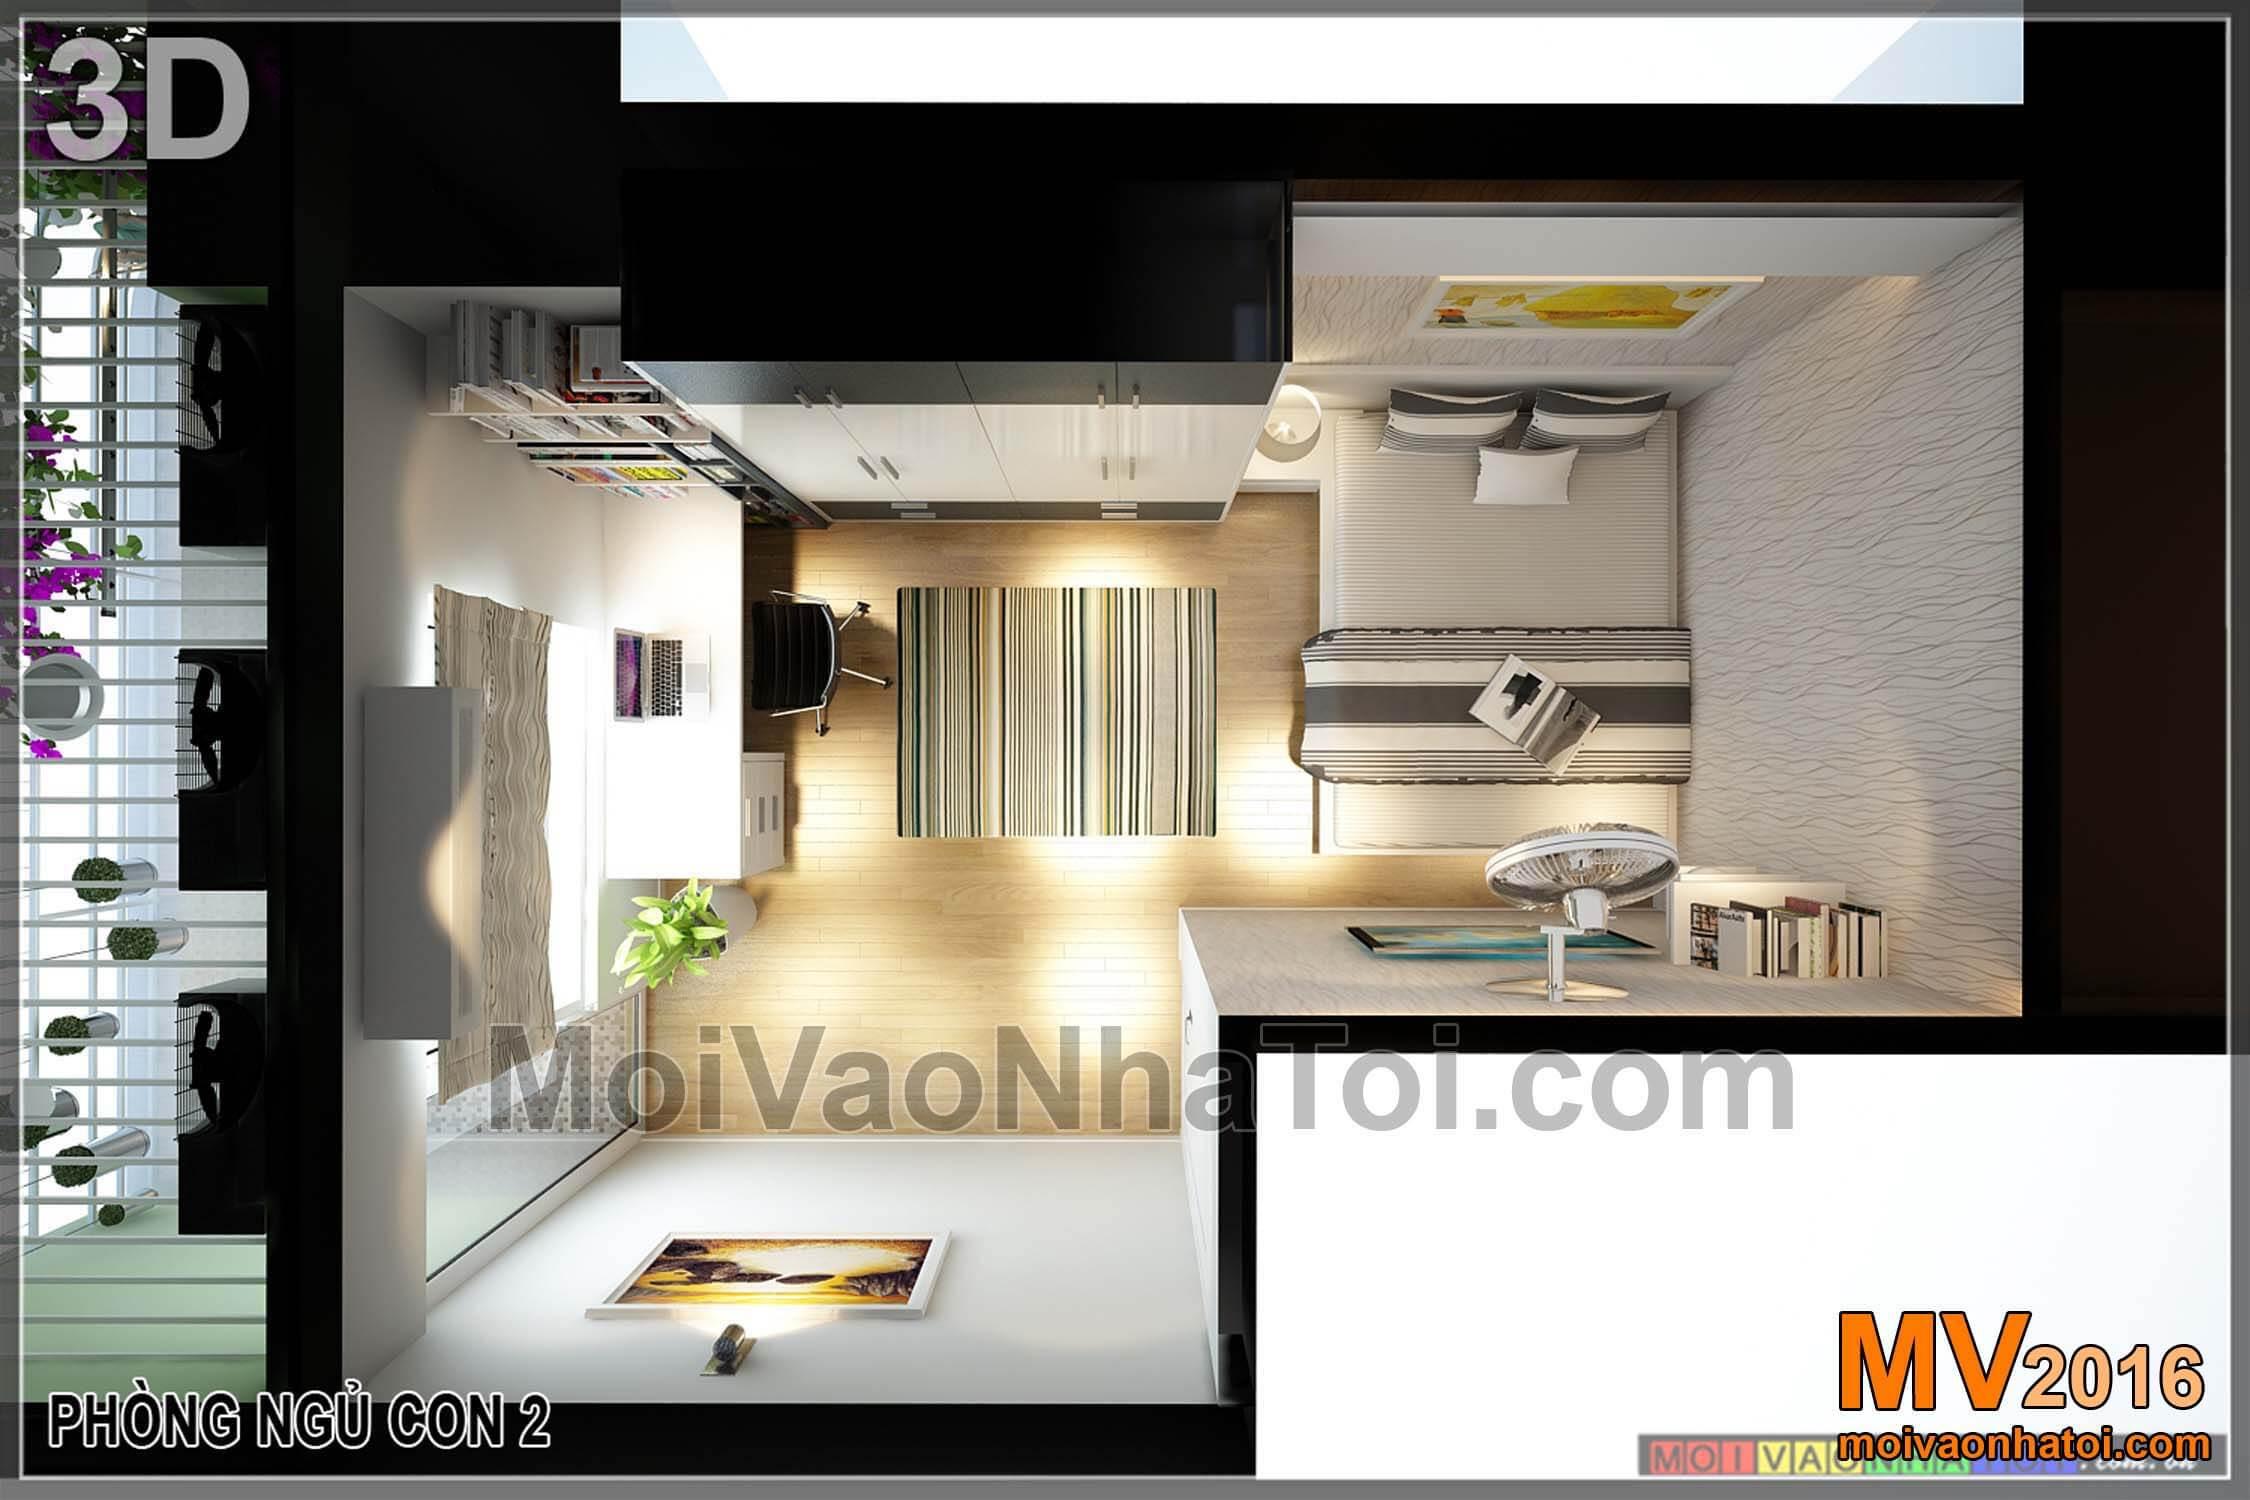 Phối cảnh 3D phòng ngủ con Phòng ngủ cho con chung cư chung cư Vinaconex 7.thiết kế chung cư 105m2